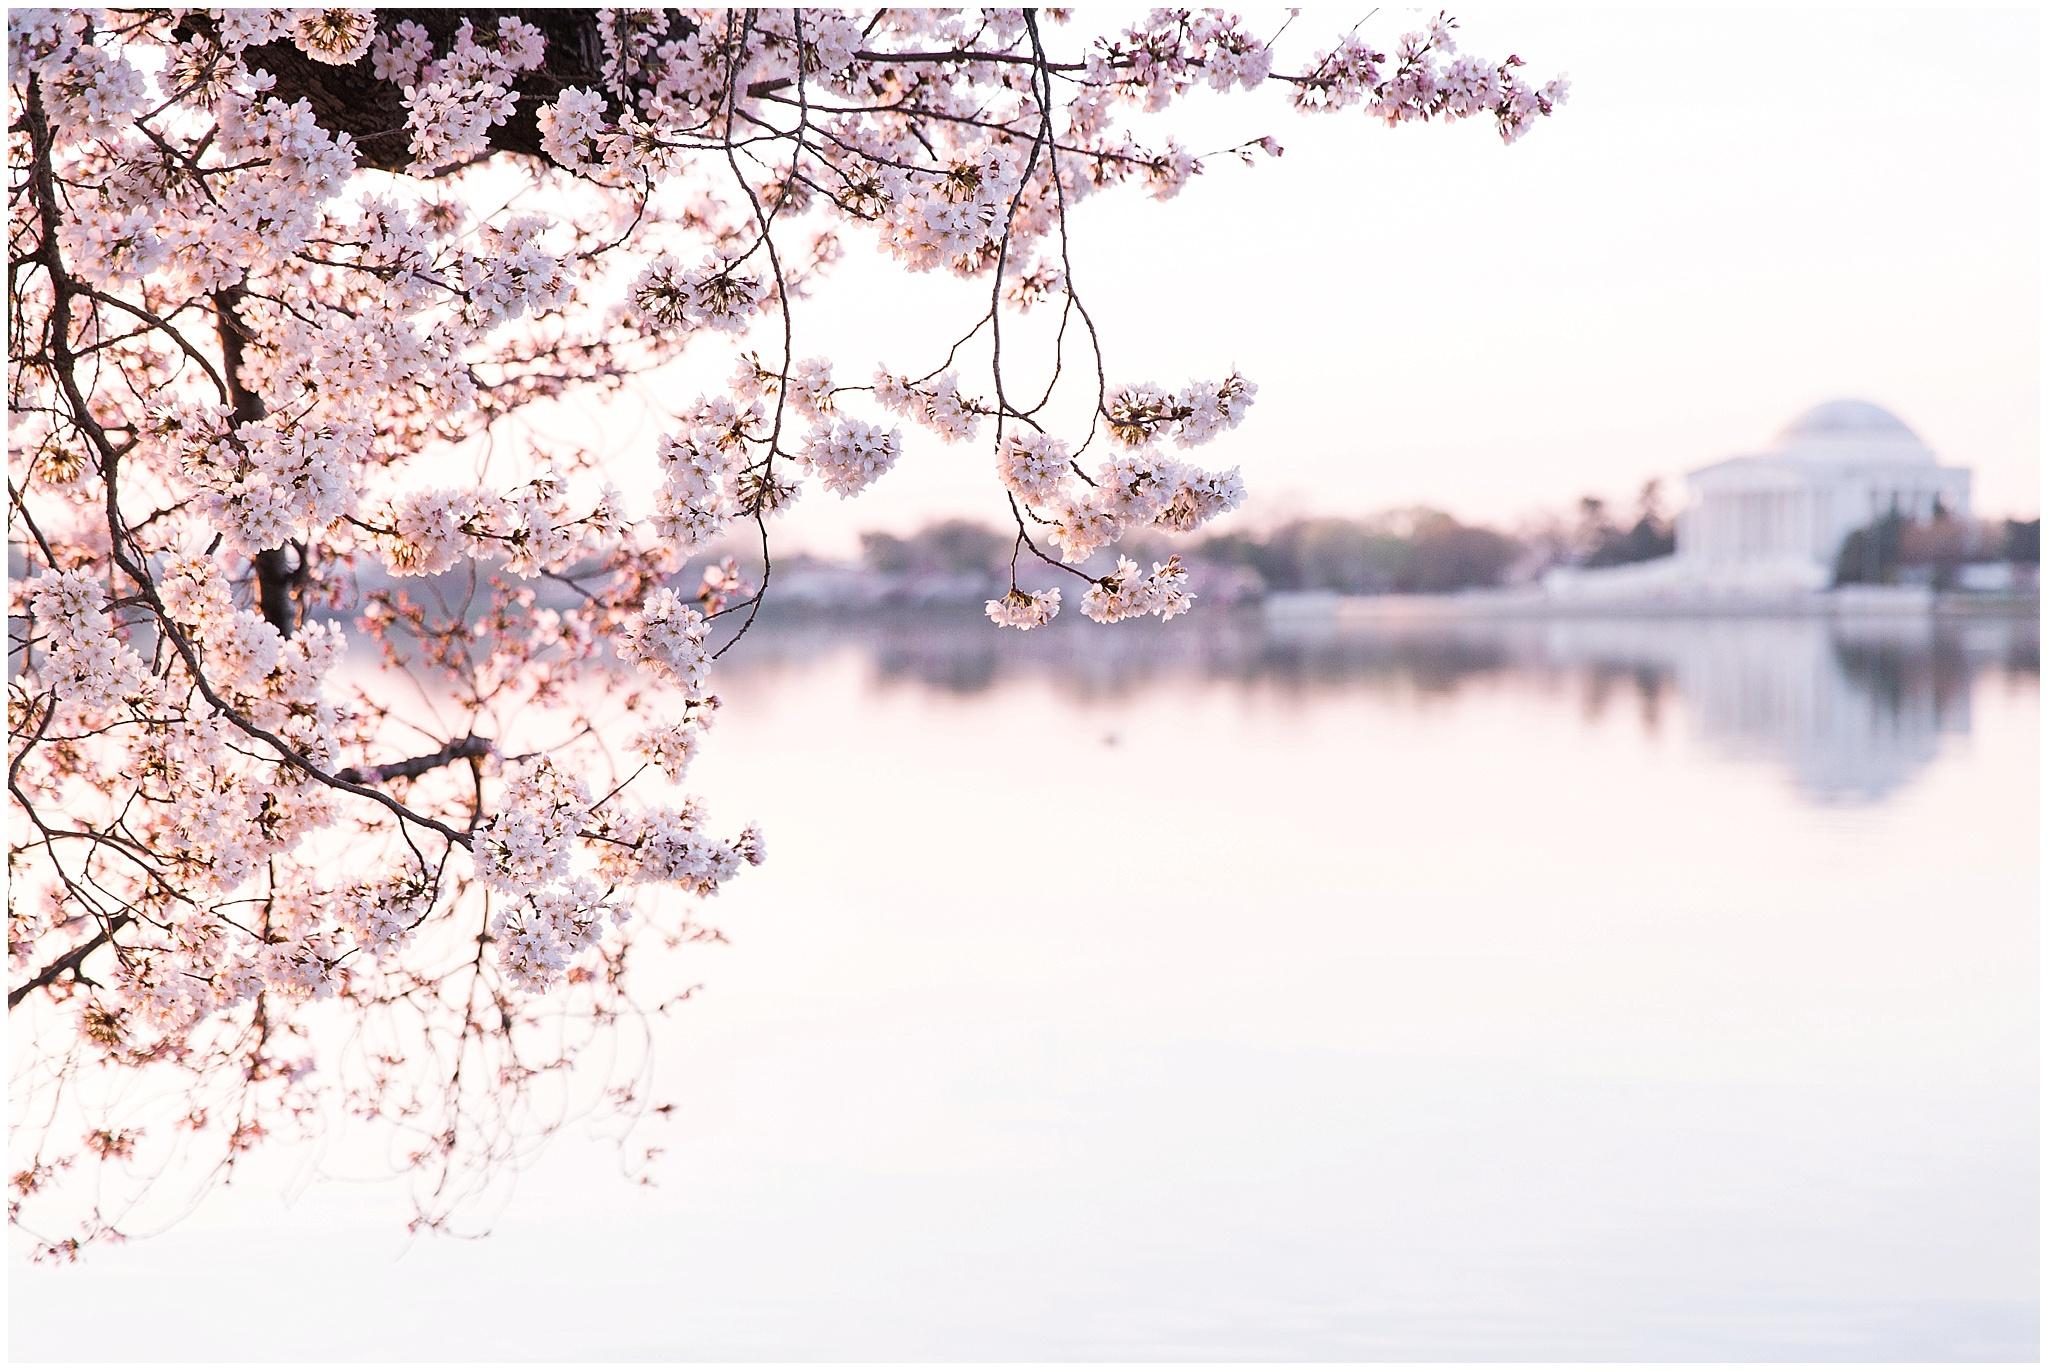 cherryblossom_washingtondc_spring_pink_0043.jpg